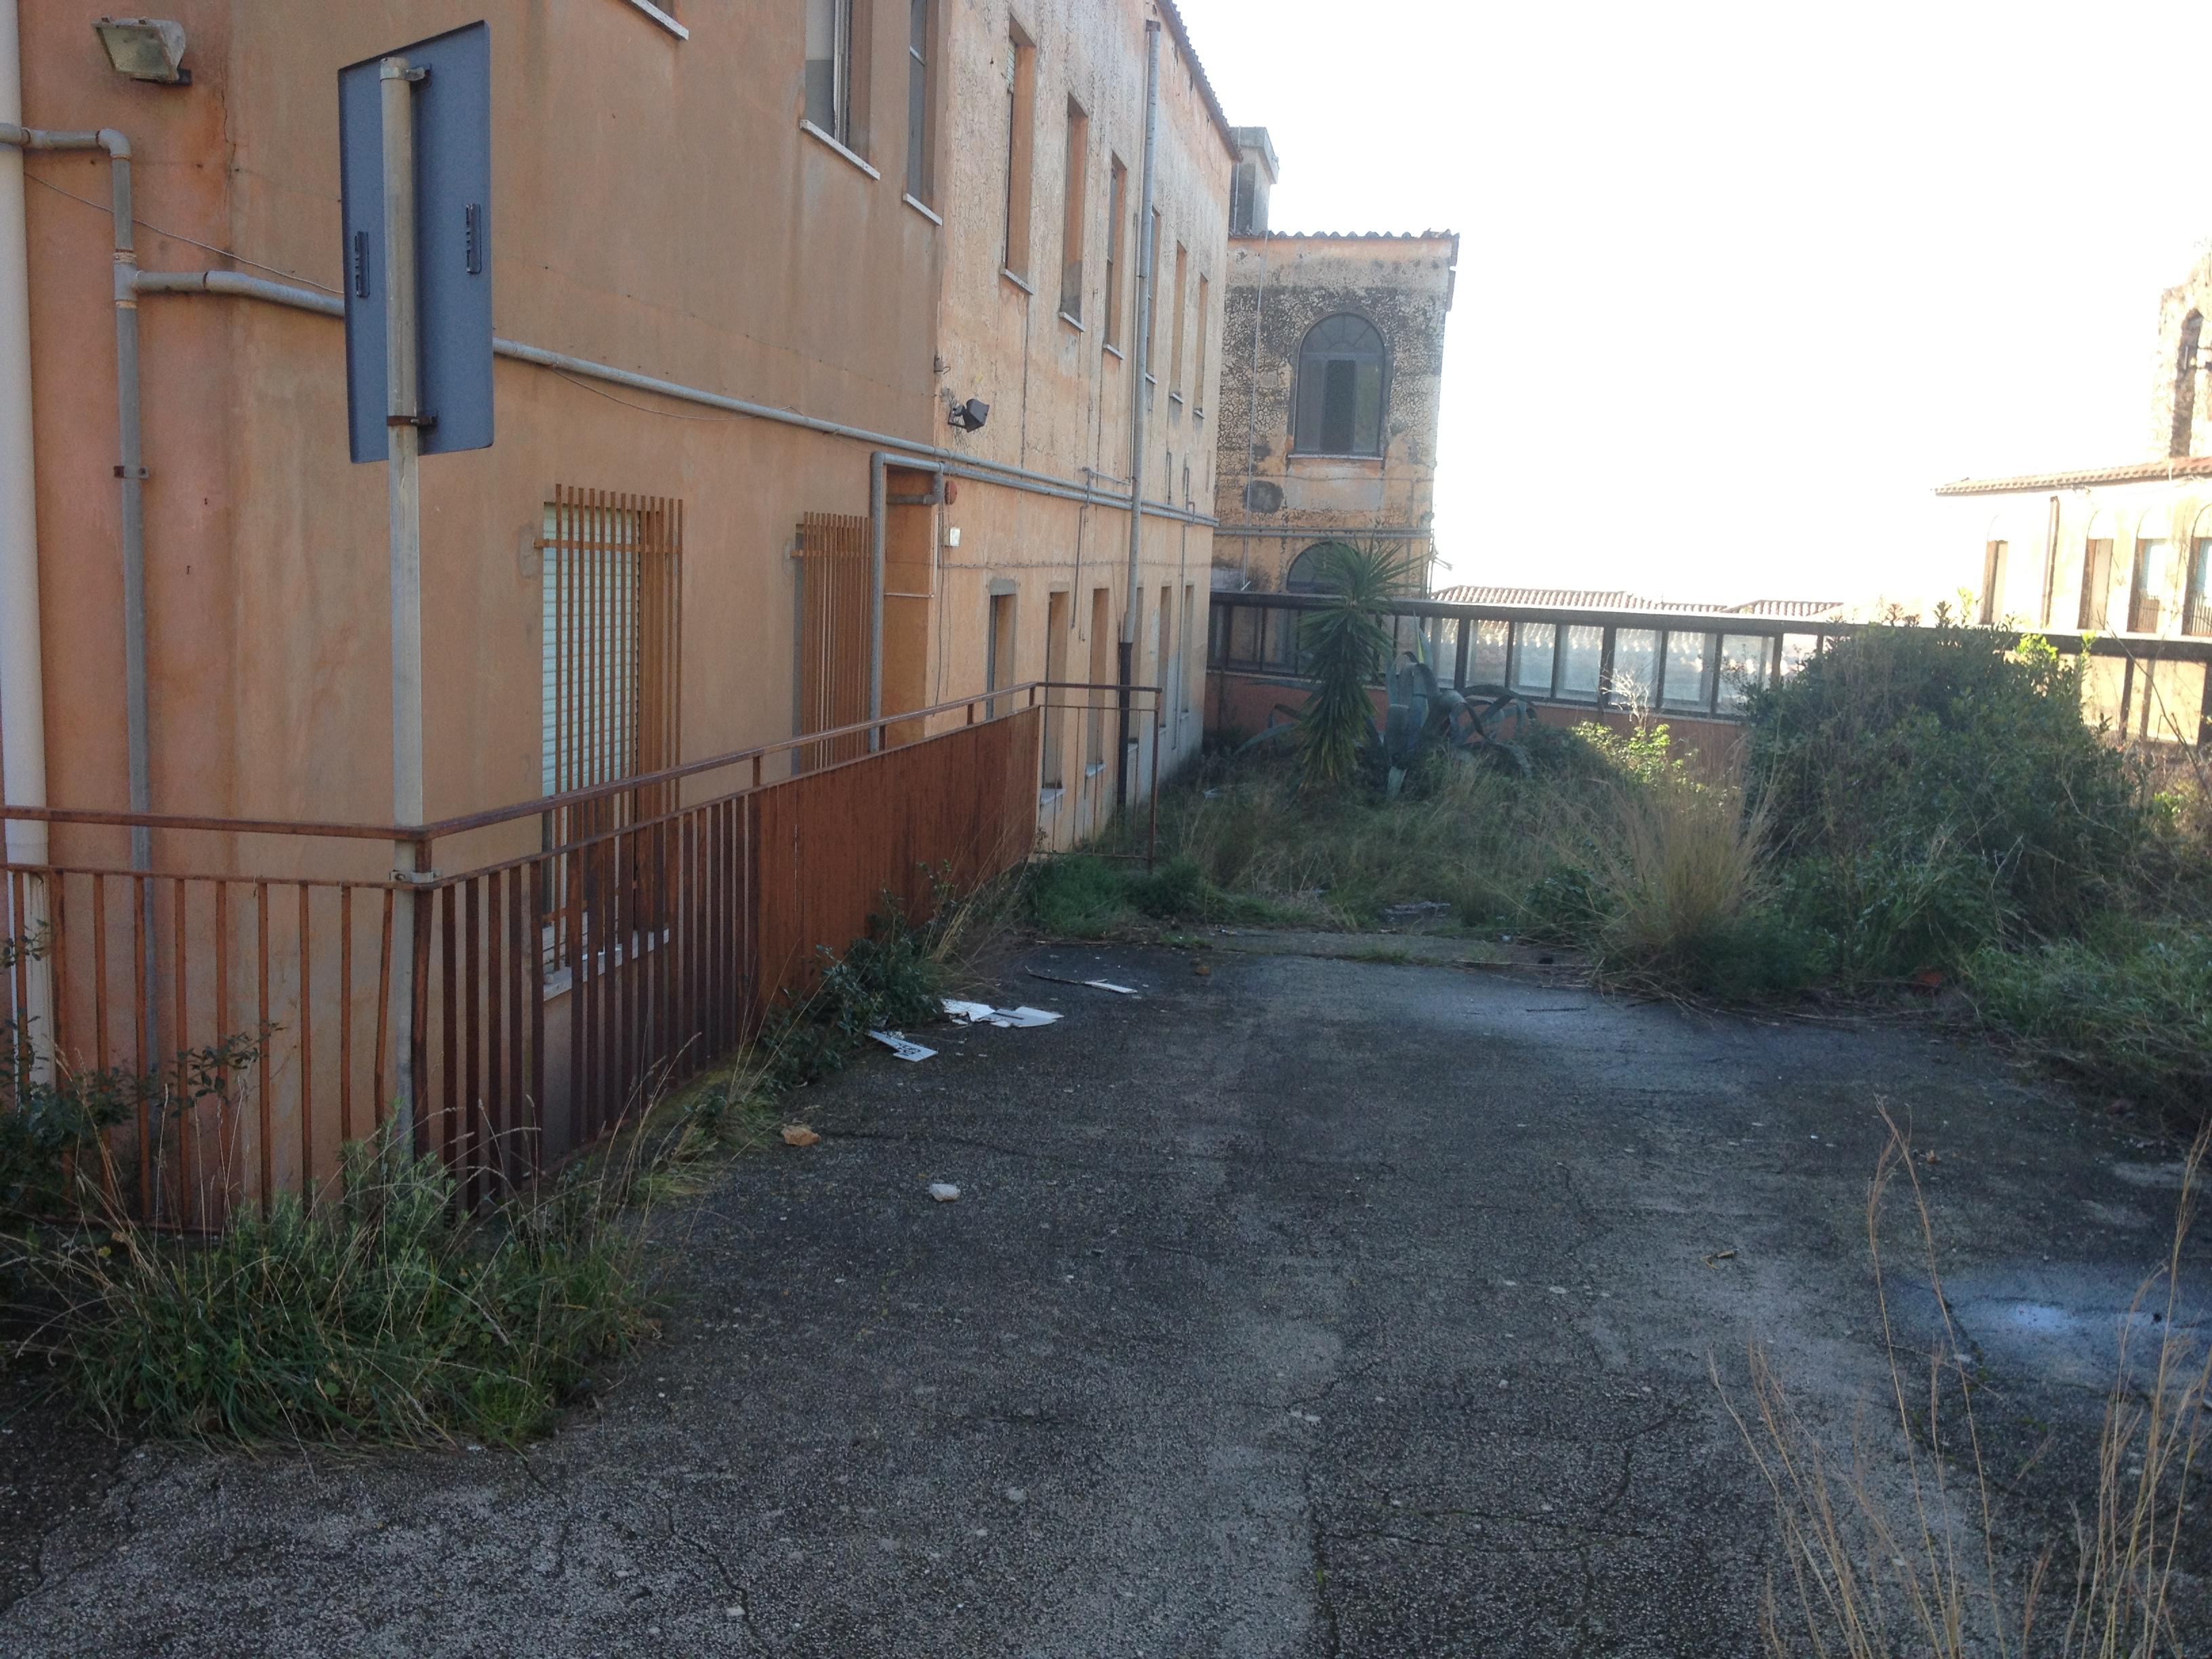 Il vecchio ospedale di terracina un pericolo pubblico for Alto pericolo il tuo account e stato attaccato